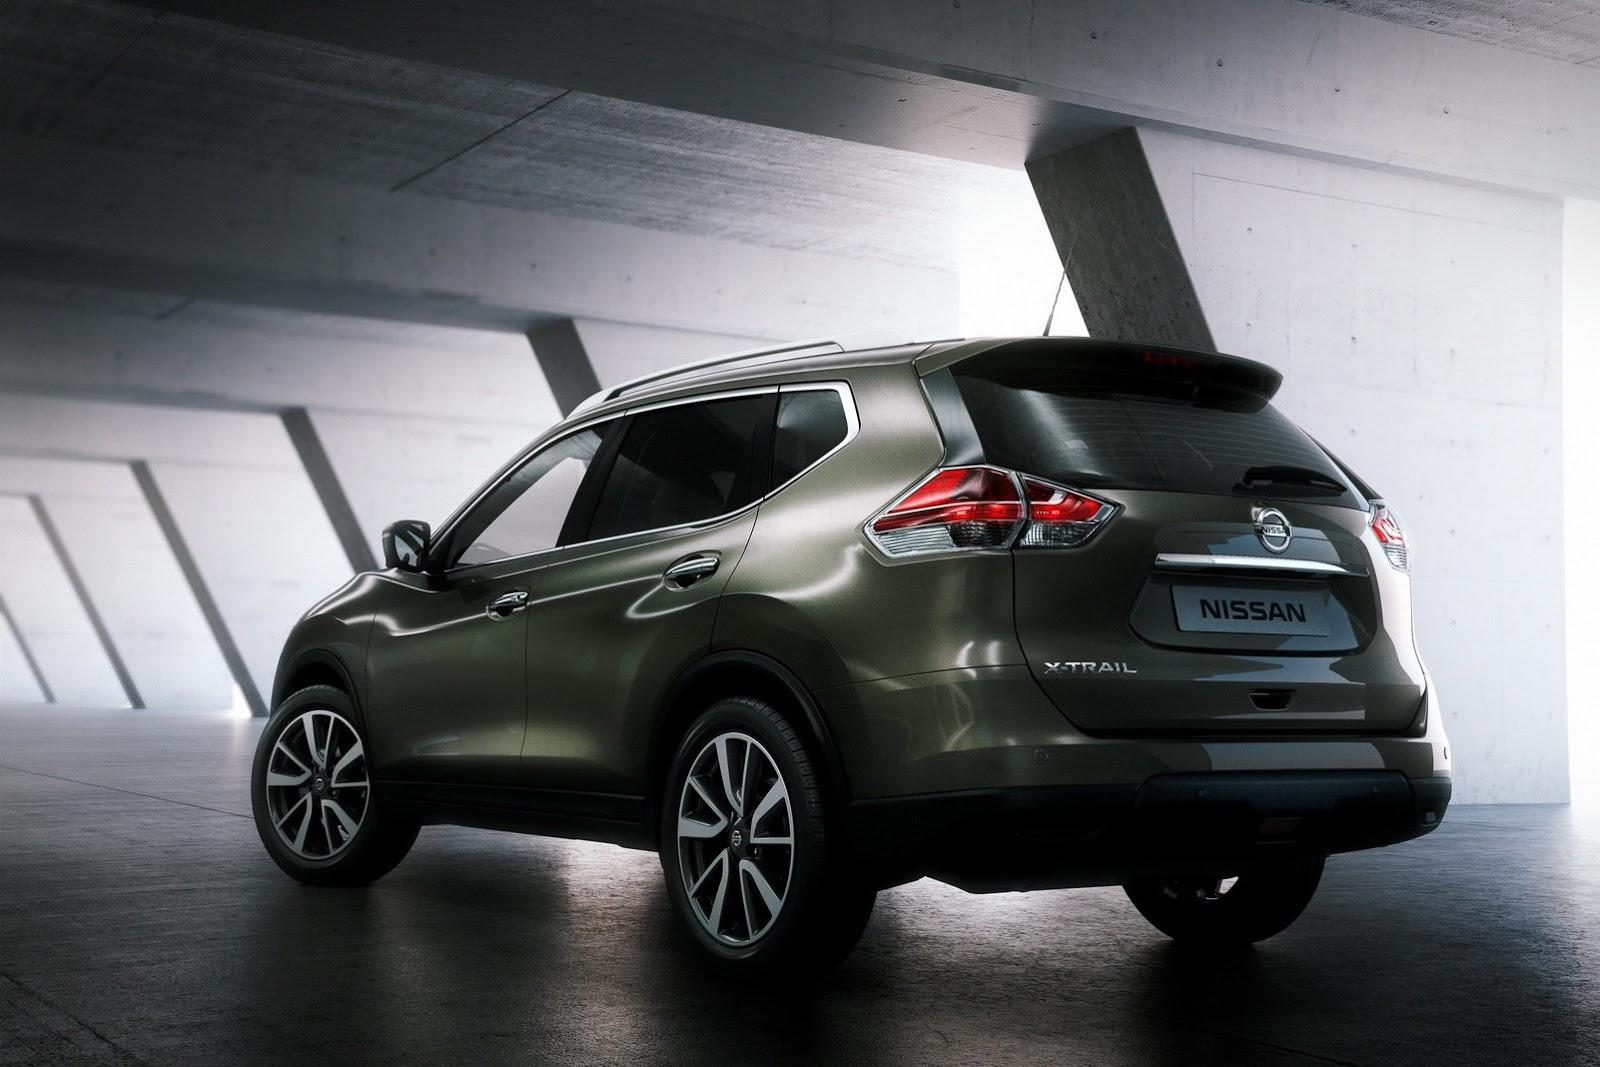 2014-Nissan-X-Trail-Rogue-29%25255B2%25255D.jpg